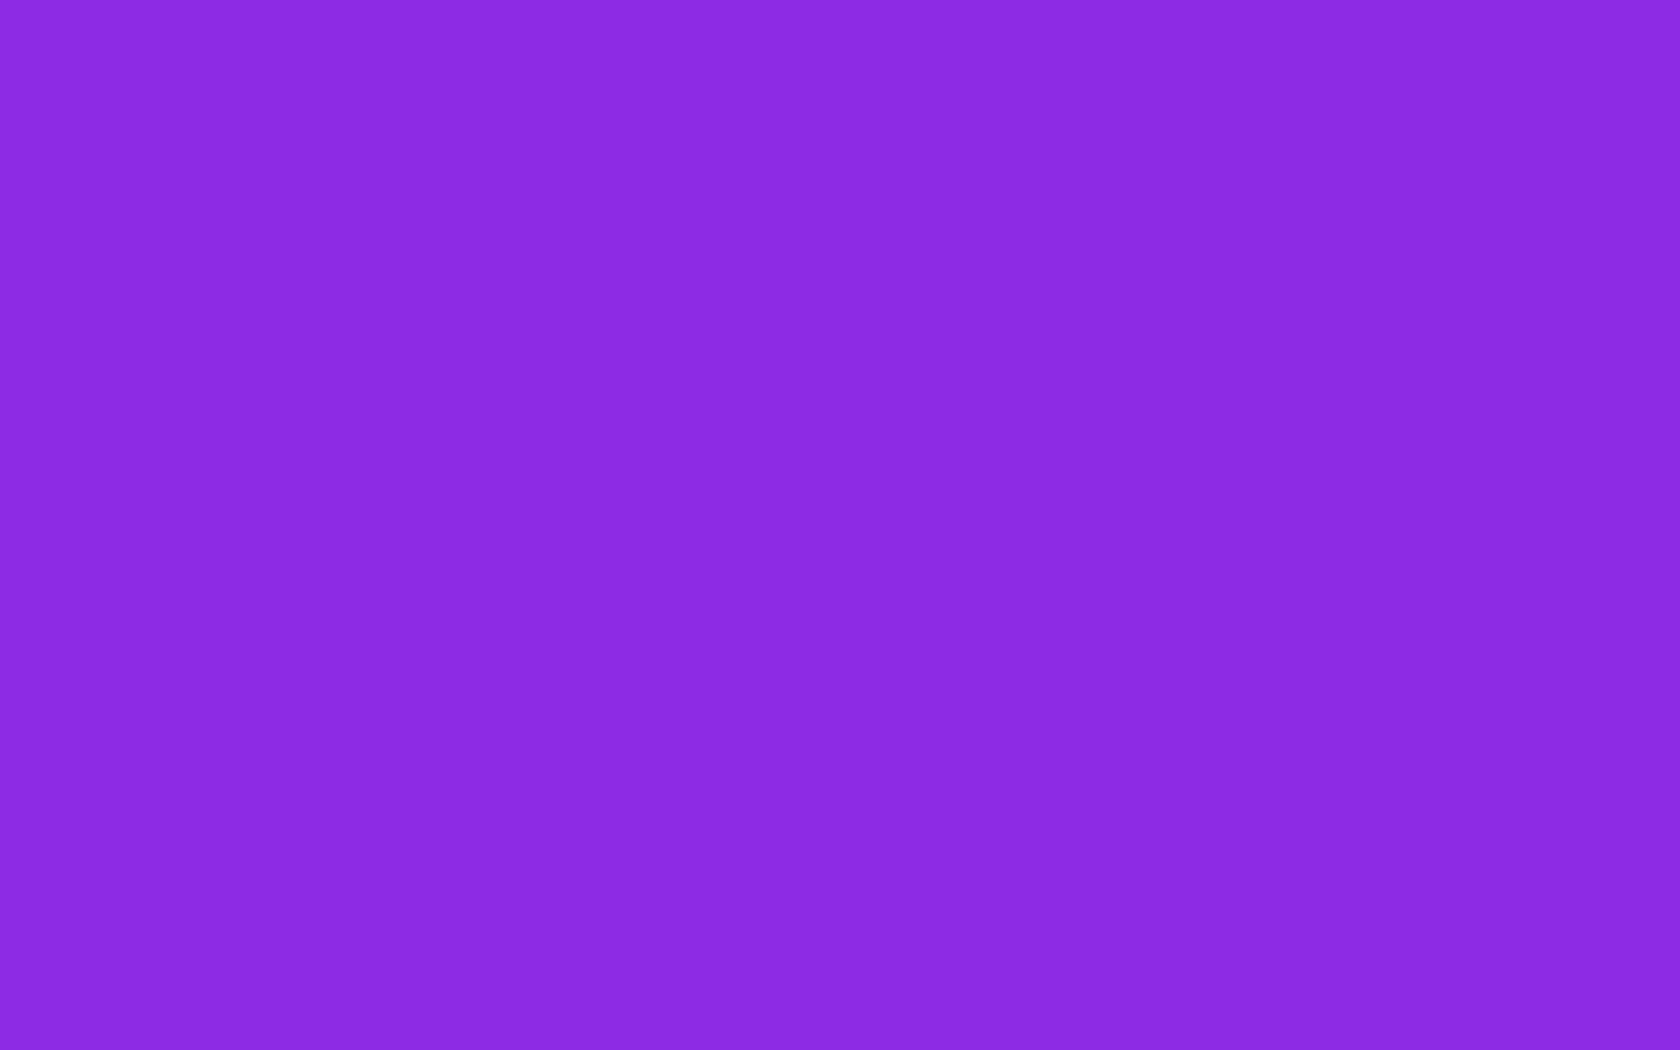 1680x1050 Blue-violet Solid Color Background